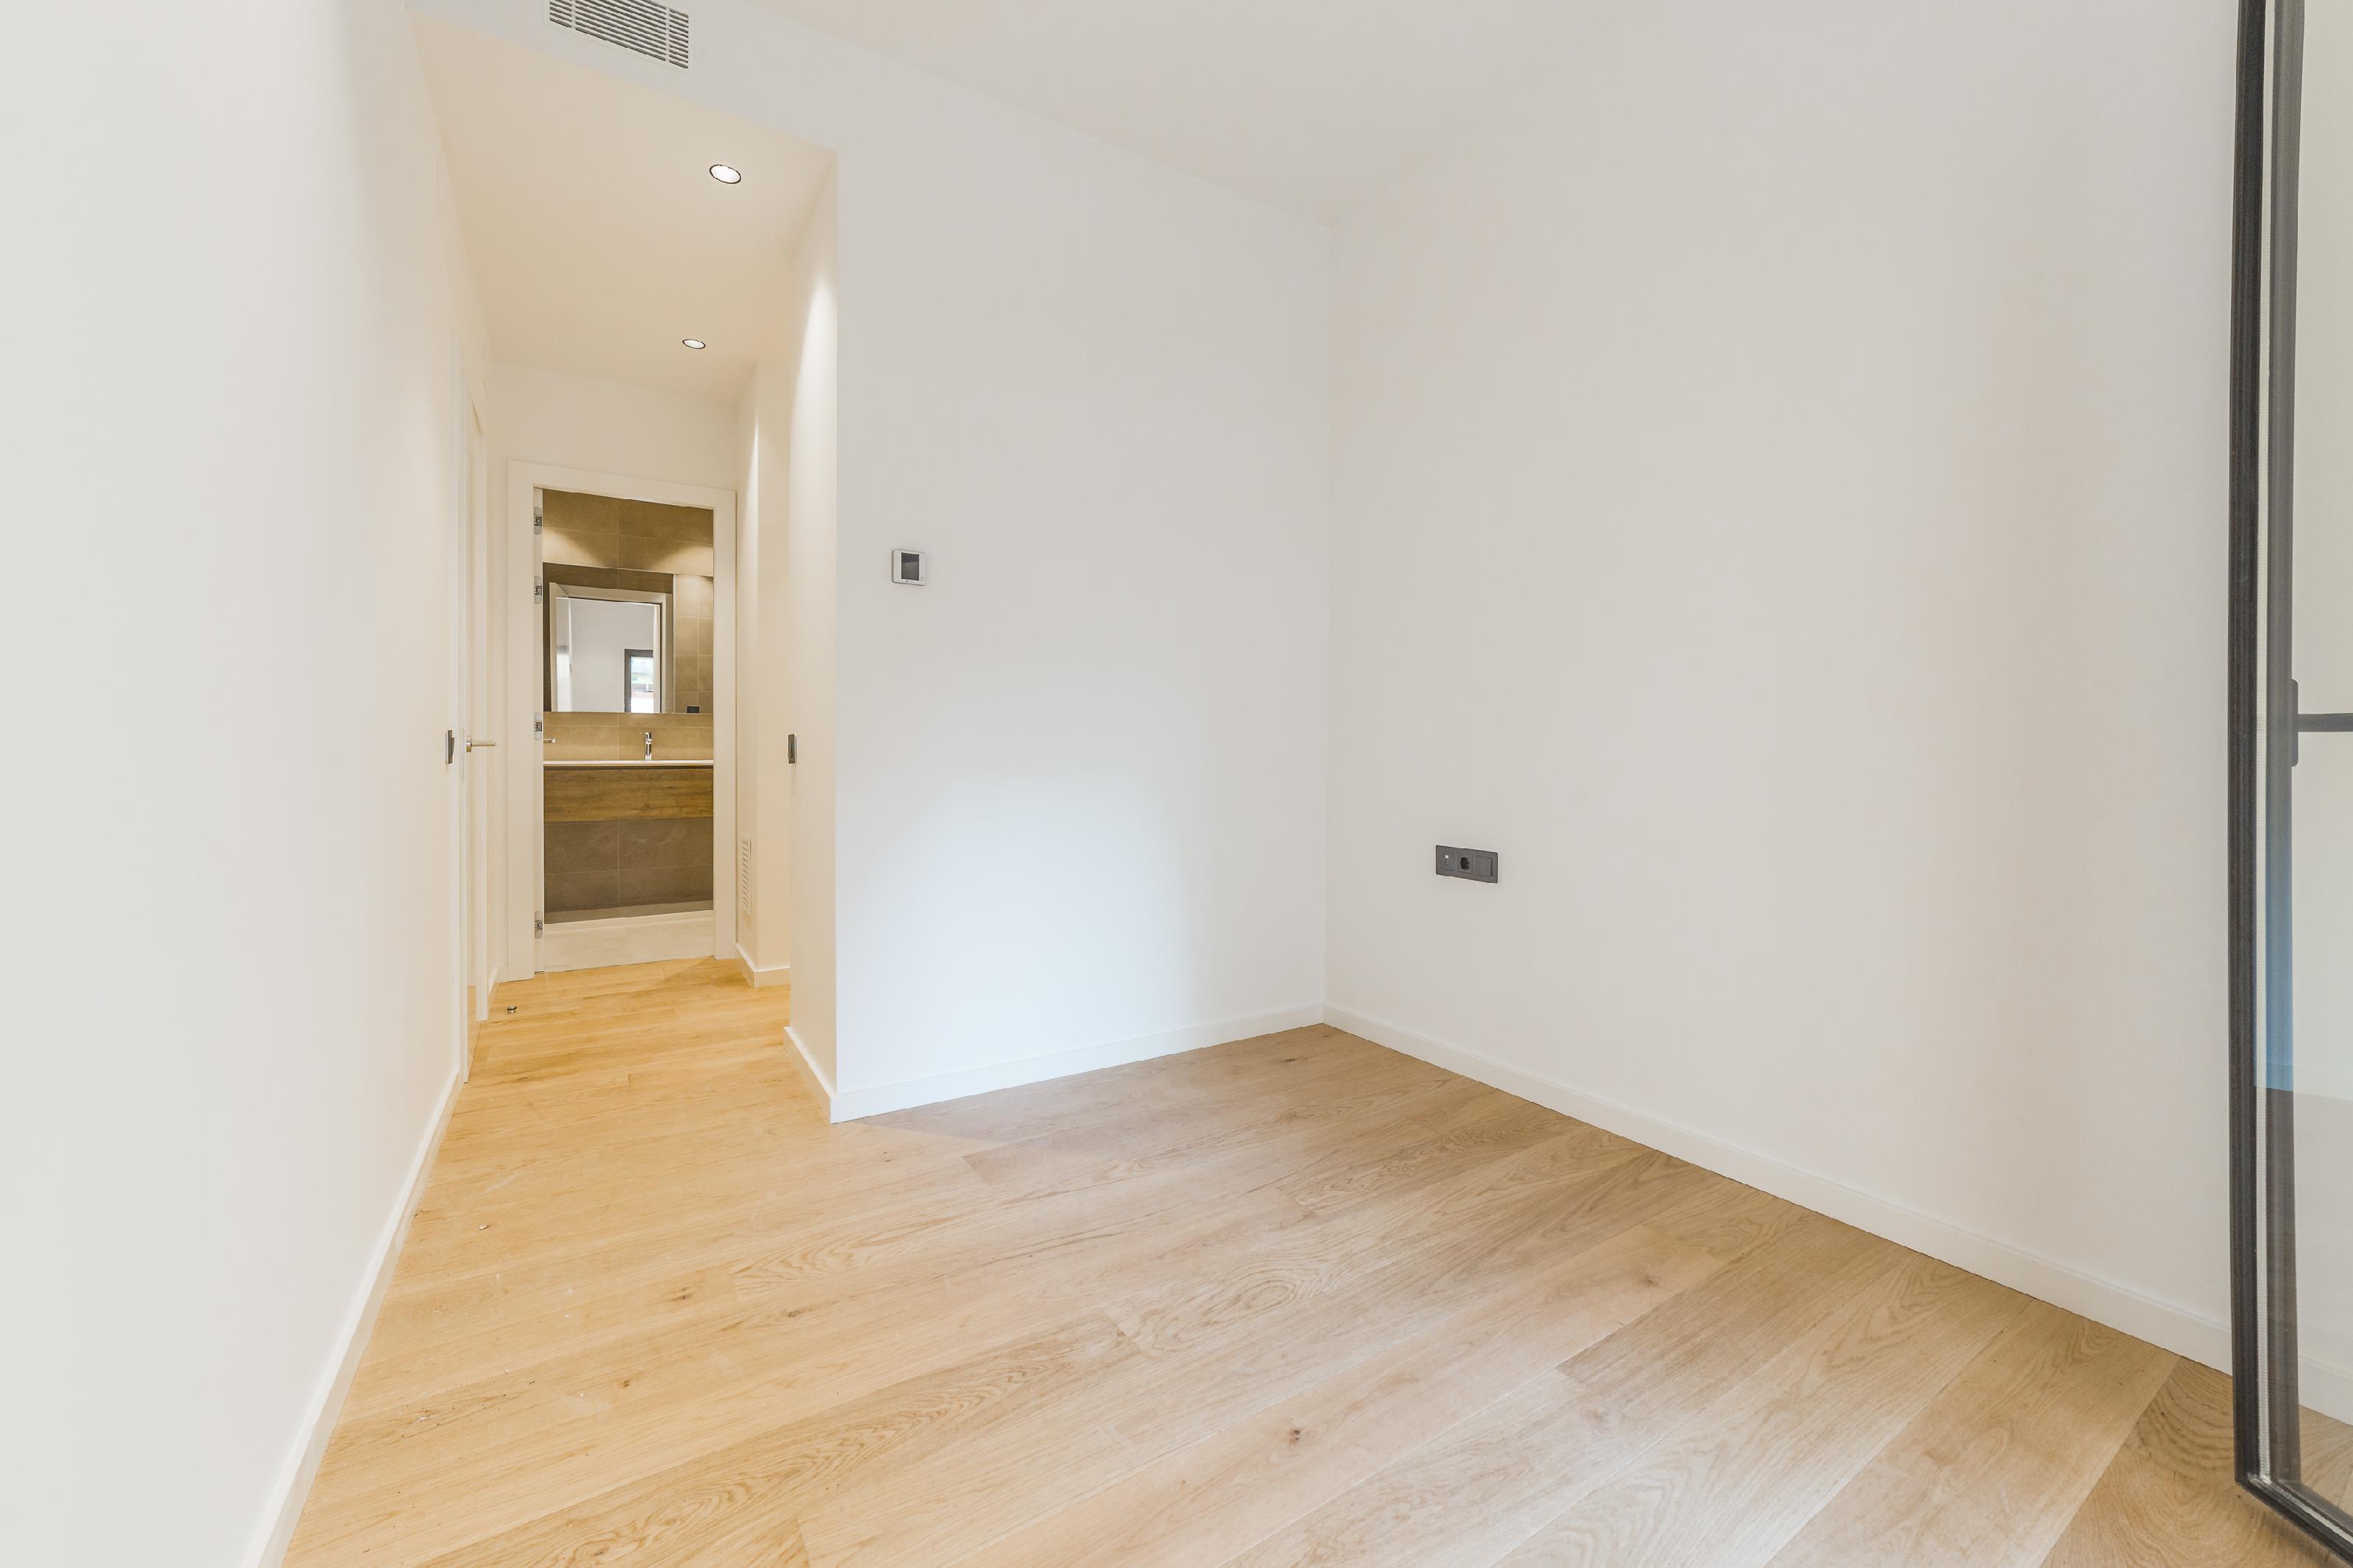 251949 Apartment for sale in Eixample, Antiga Esquerre Eixample 14